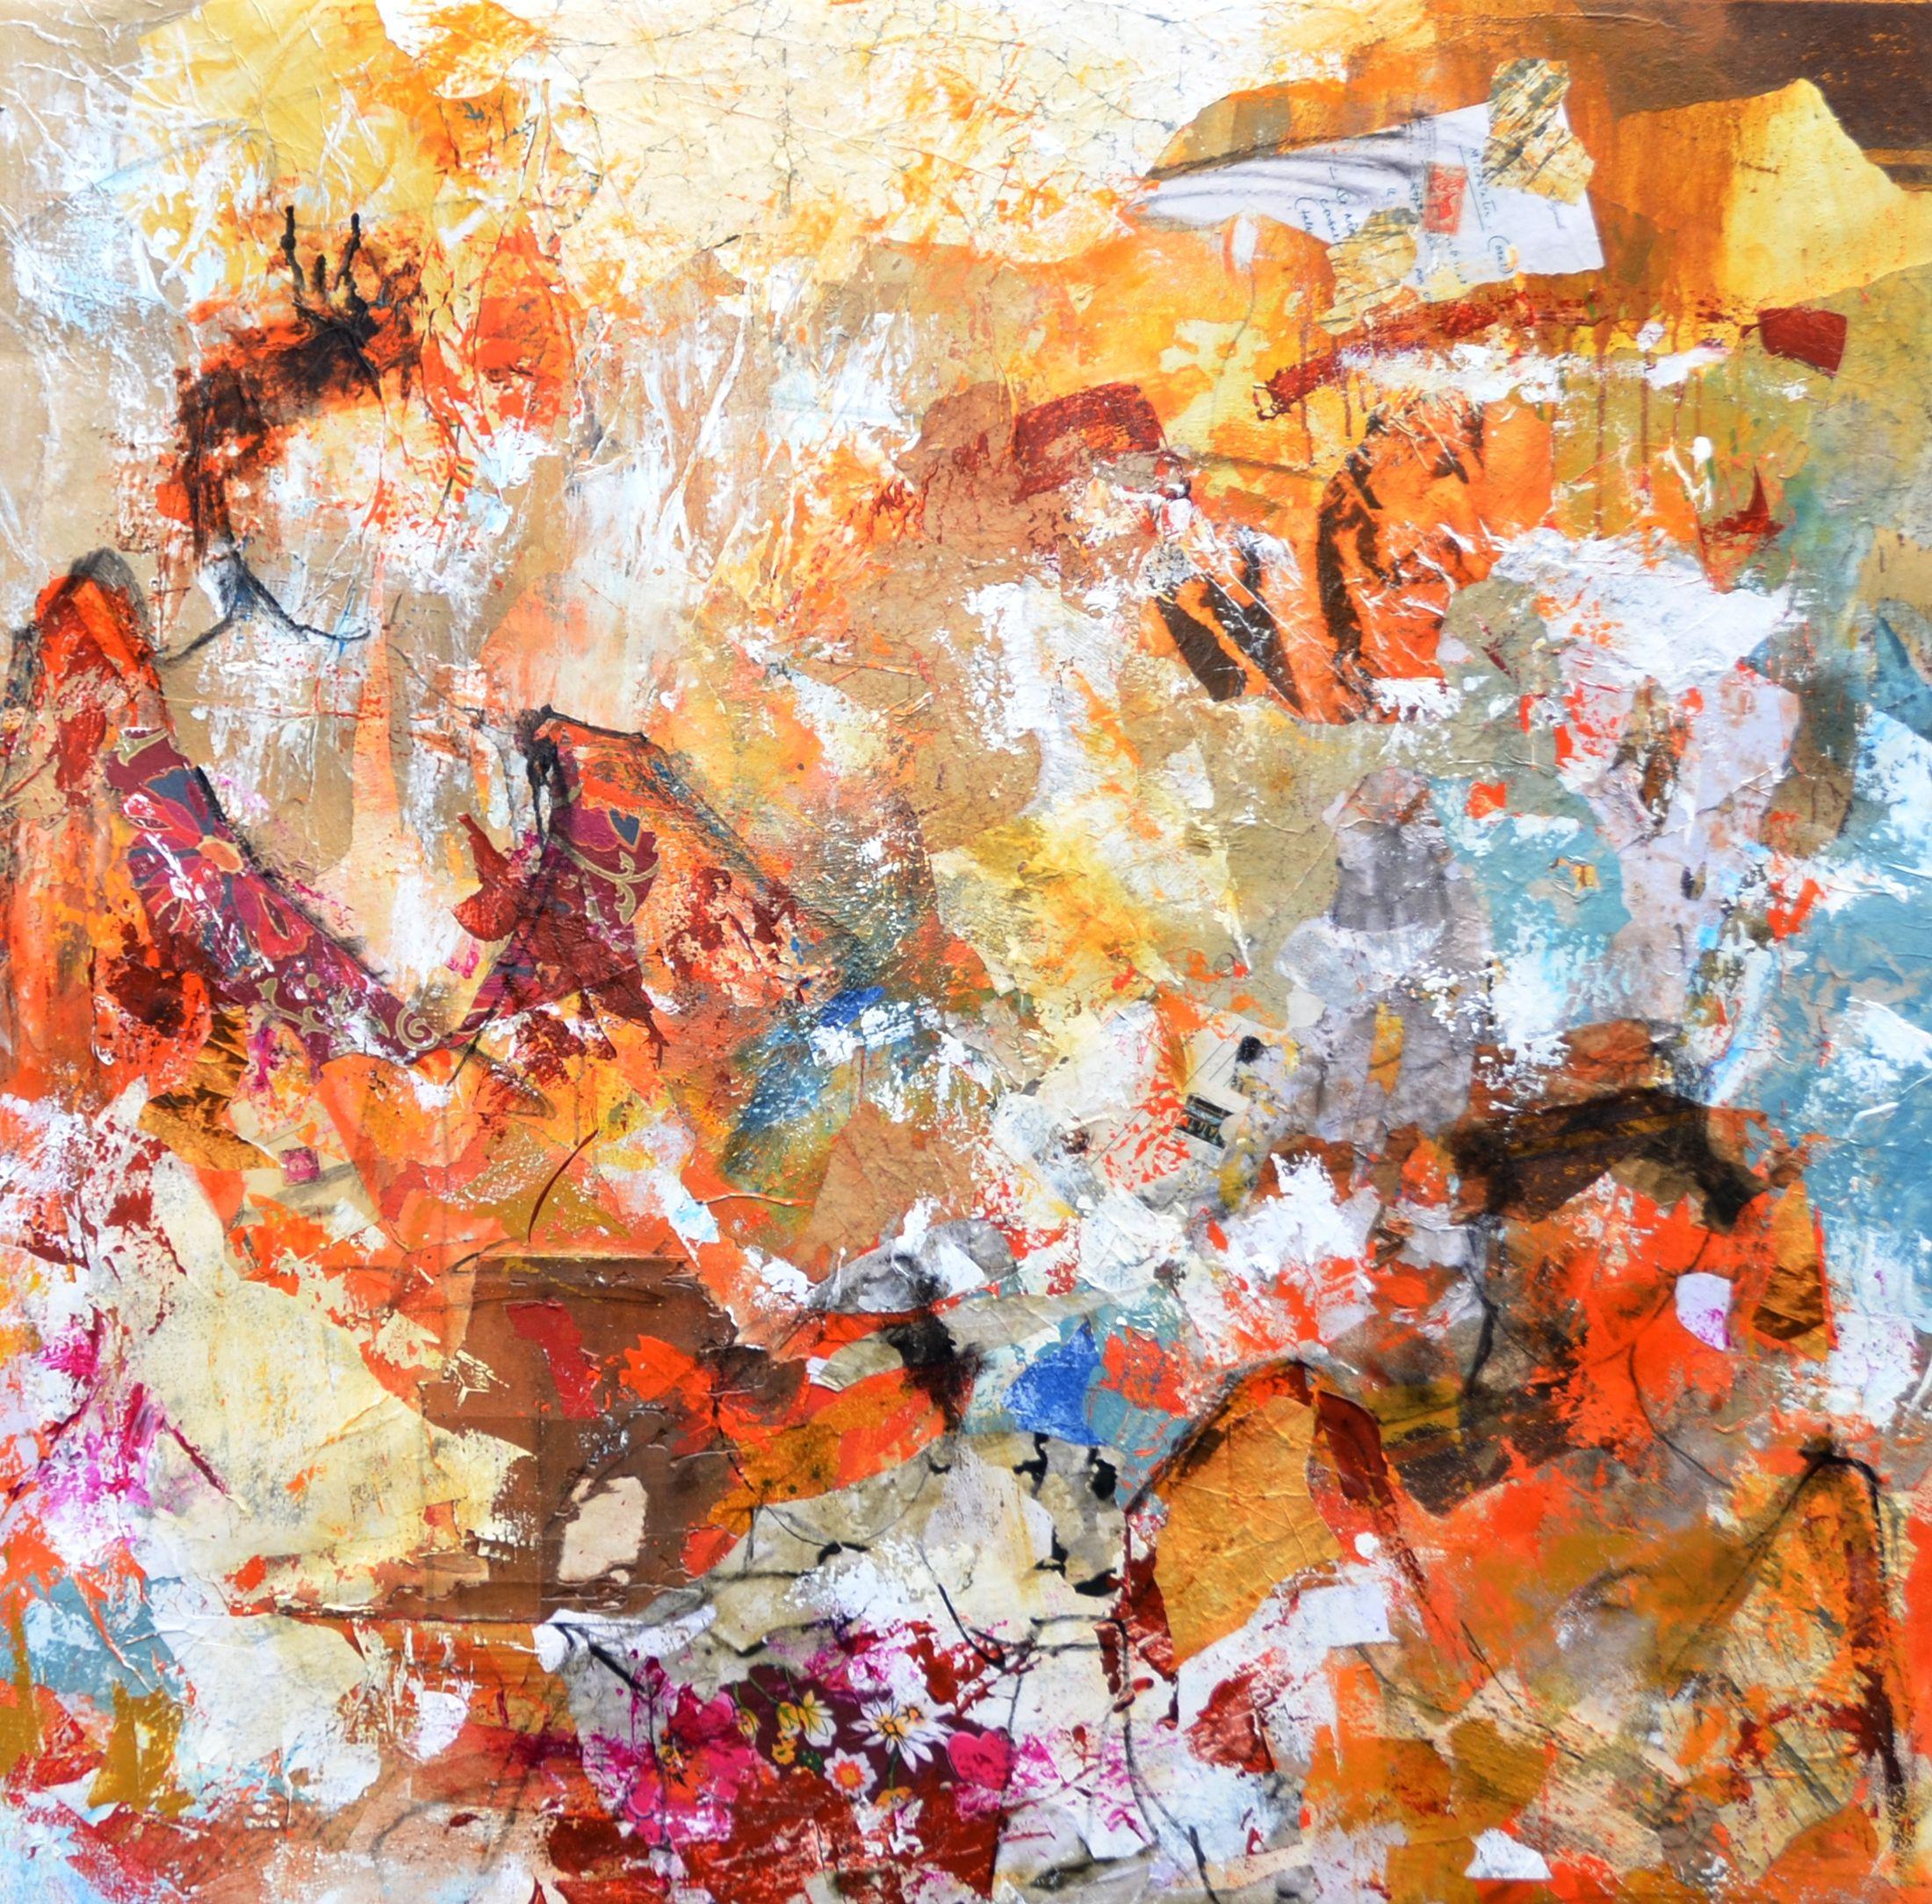 120x120cm door Dario Bosa - Te huur/te koop via Abrahamart.com  #art #painting #kunst #kunstuitleen #DarioBosa #abrahamart #bramreijnders #Eindhoven